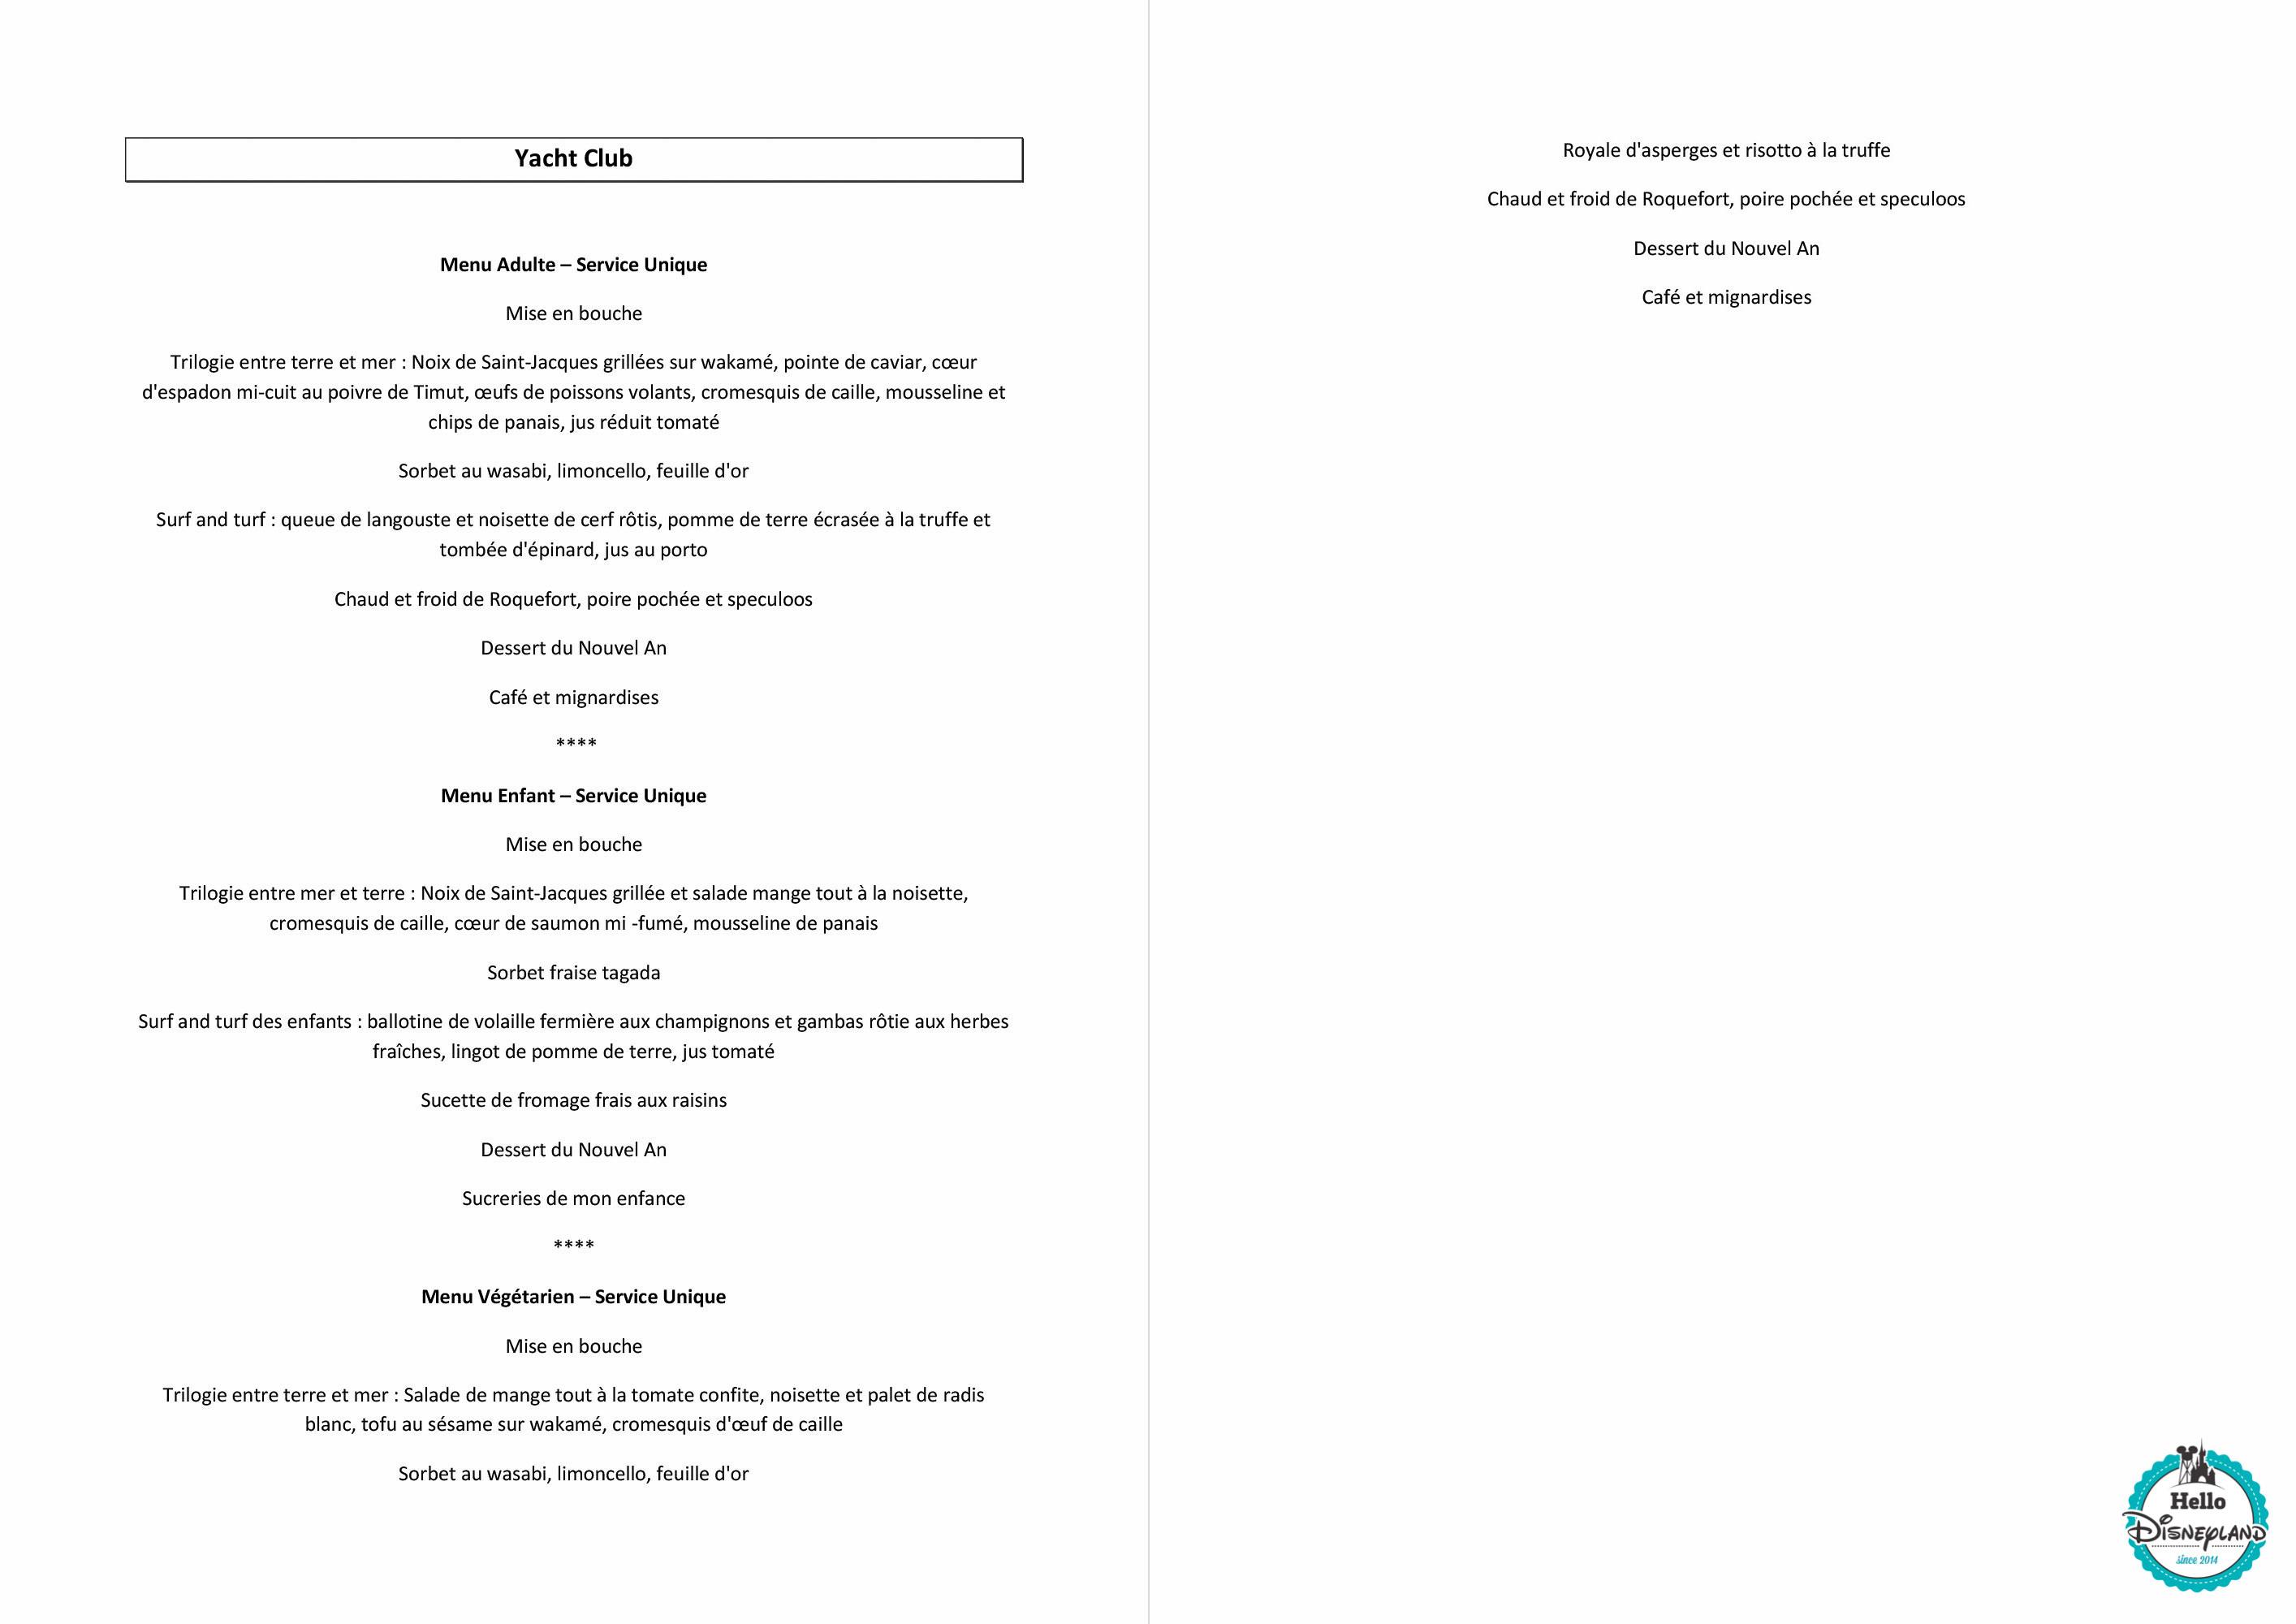 le yacht club disney s newport bay club menu reveillon du nouvel